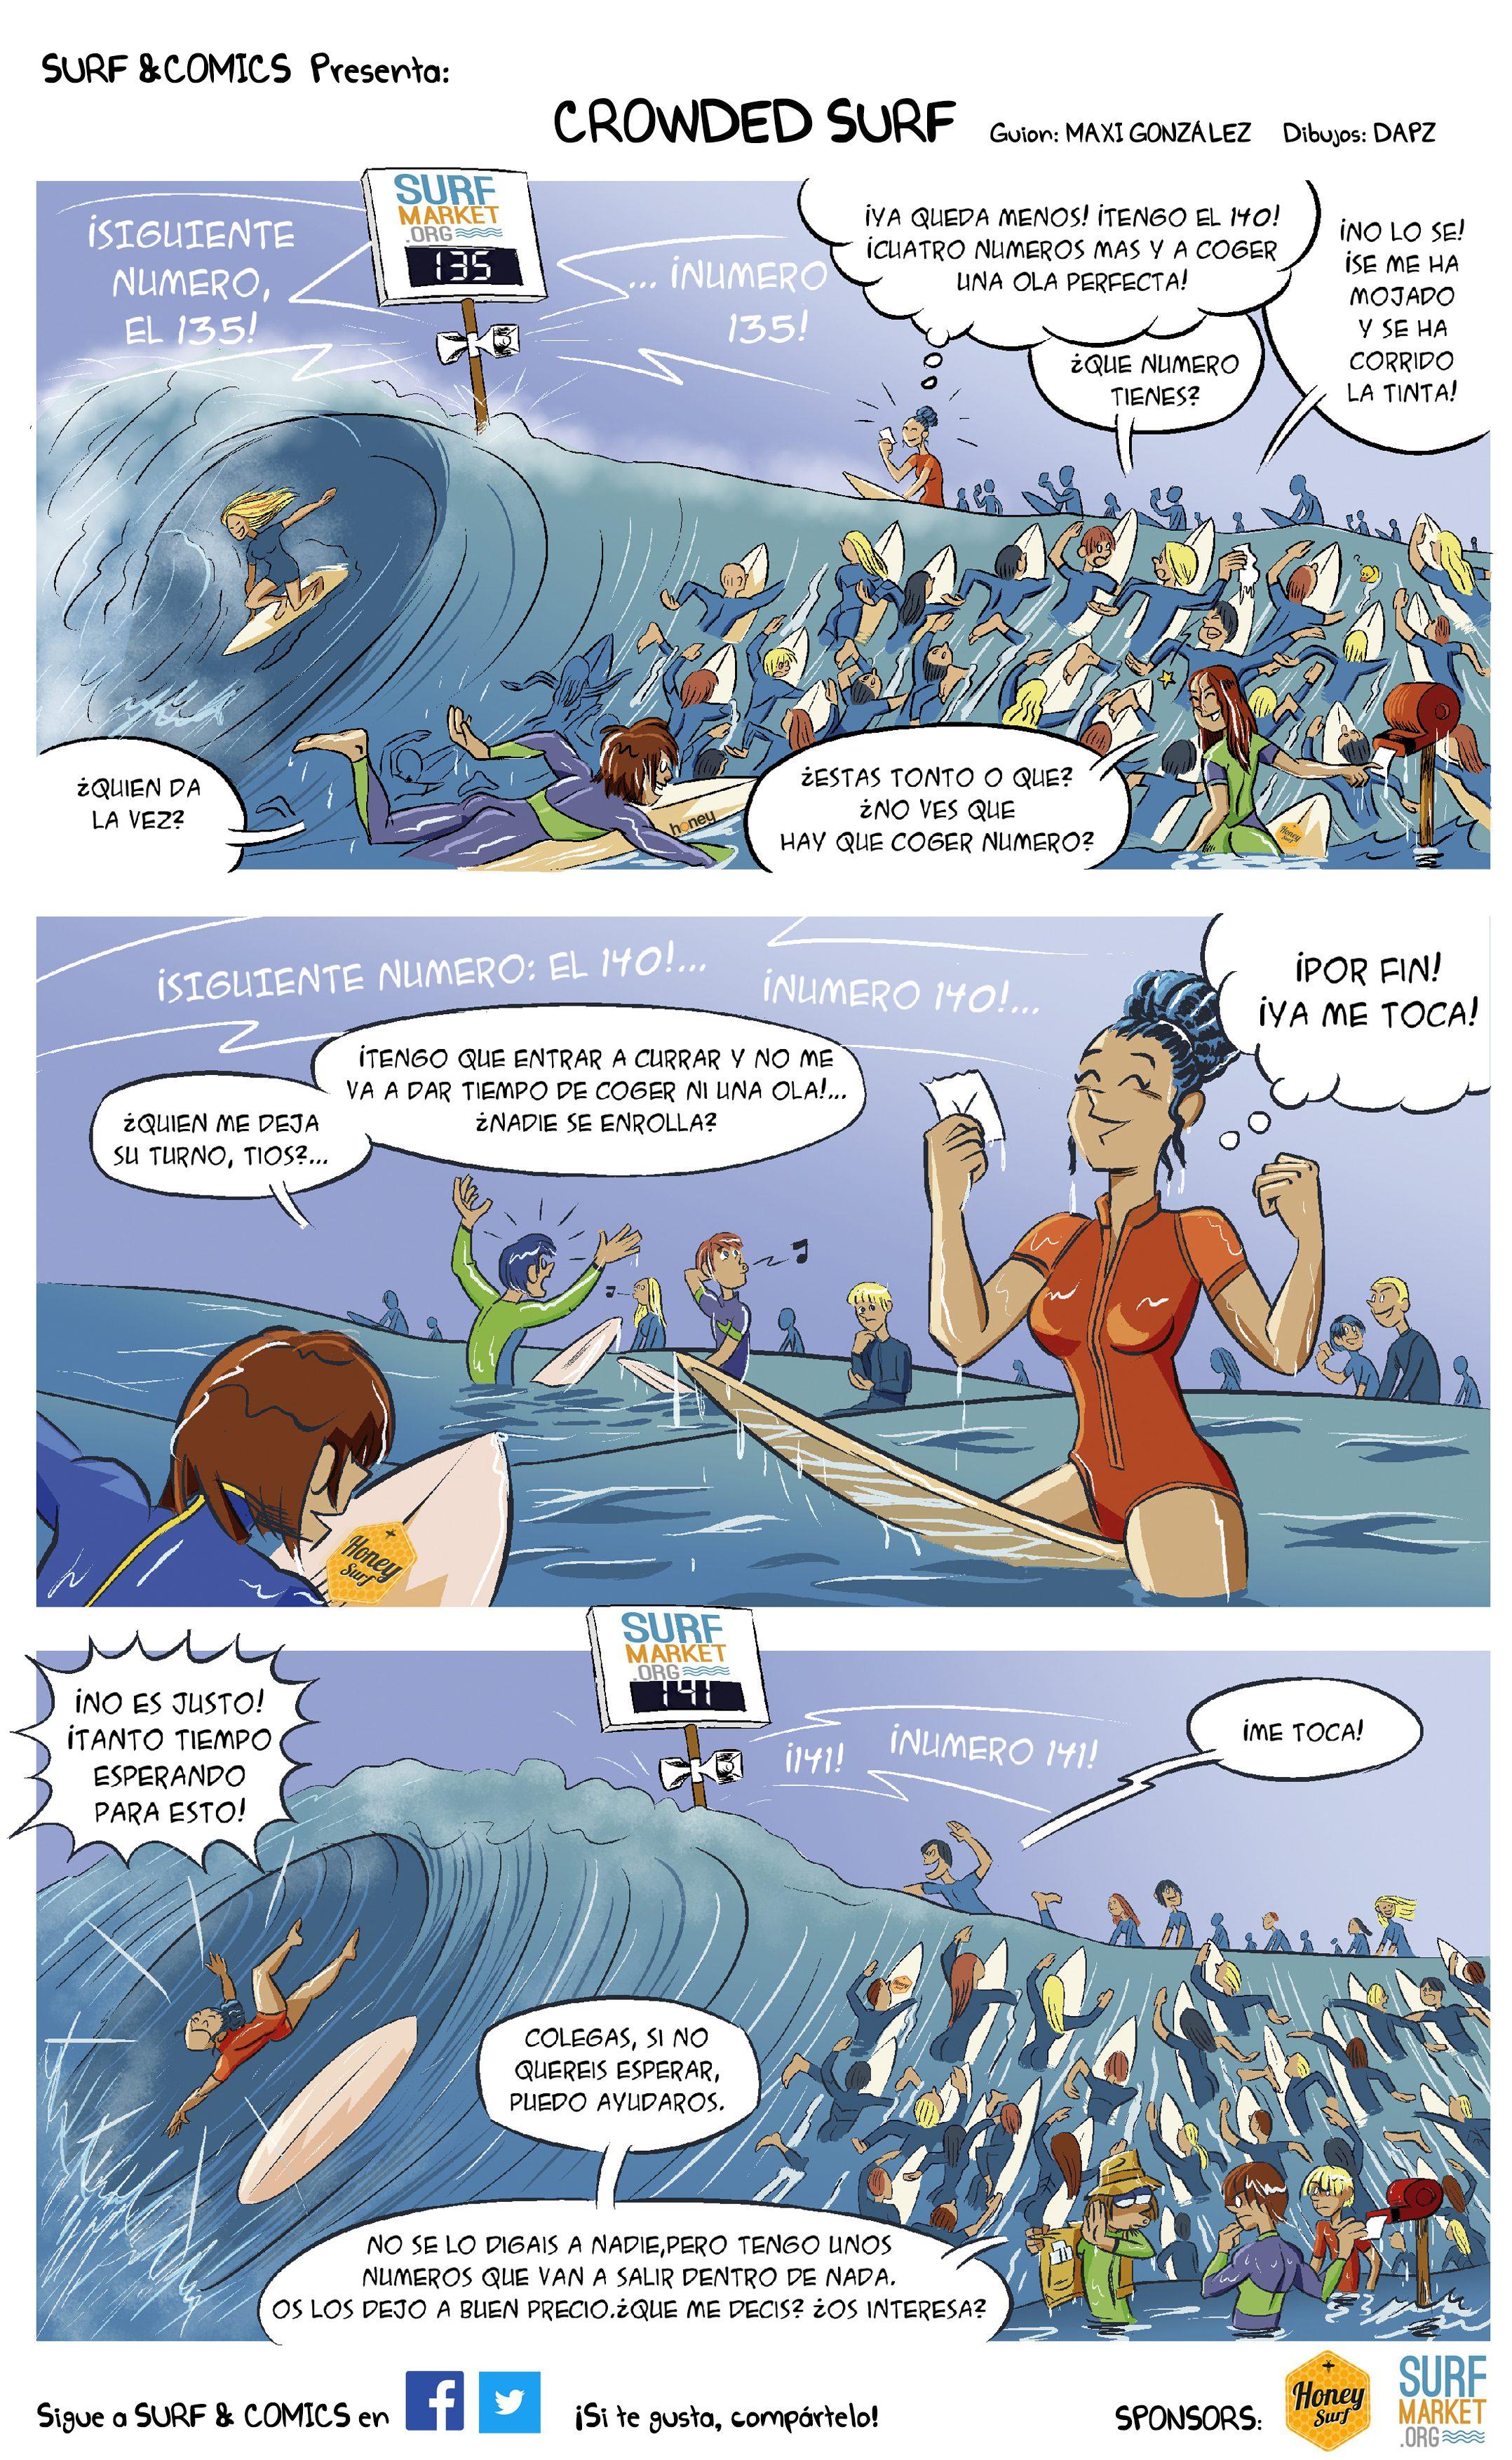 Crowded Surf. Español